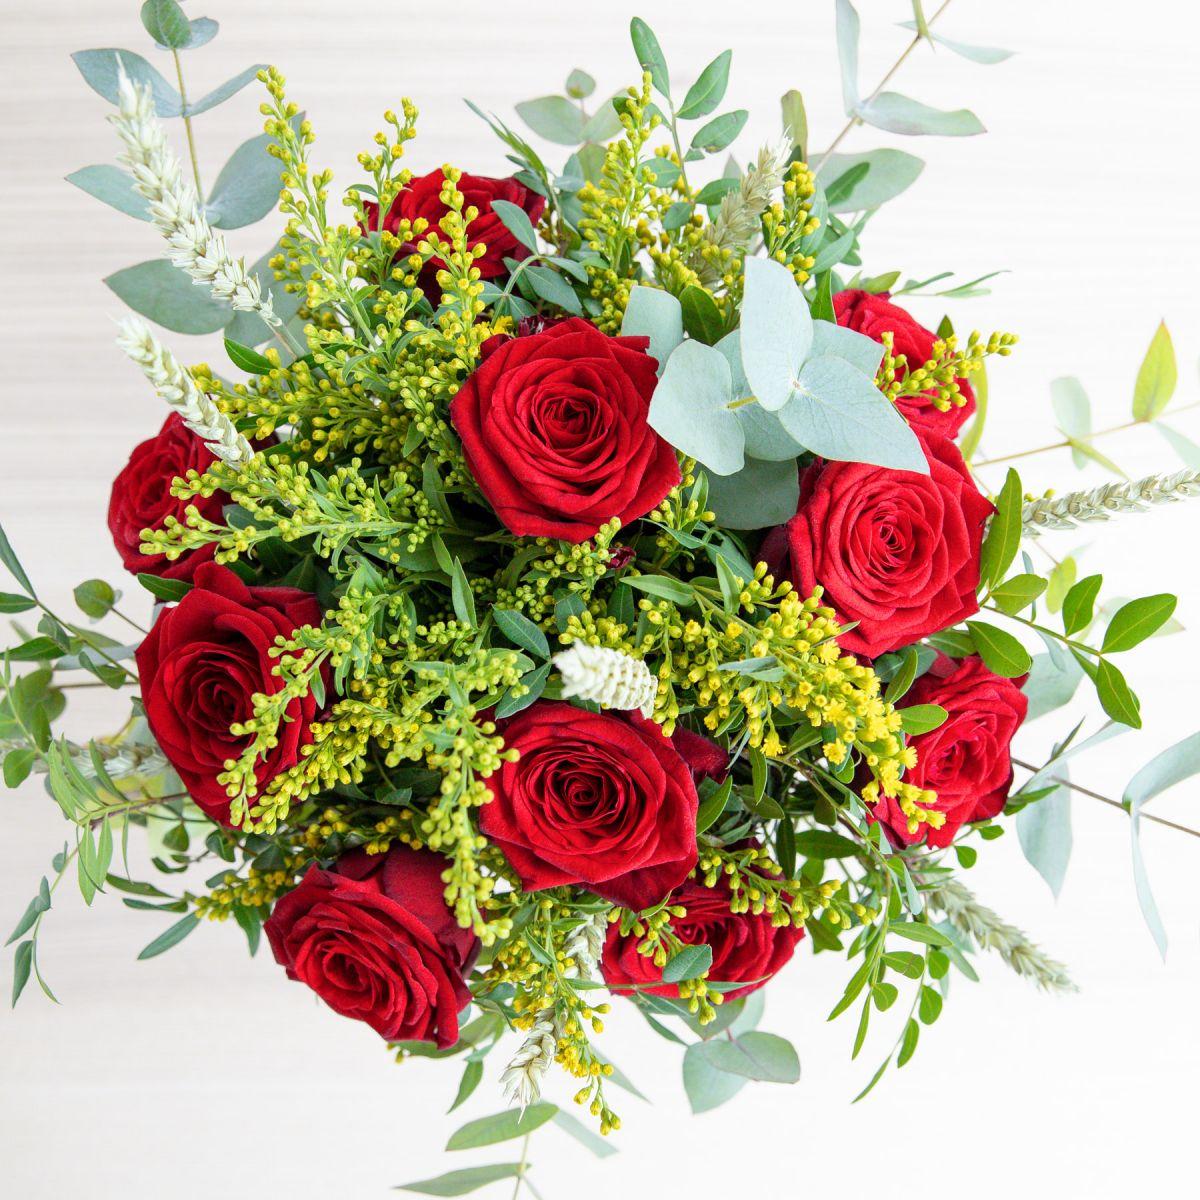 Ramo de rosas rojas para sant jordi grandes colvin - Ramos de flores grandes ...